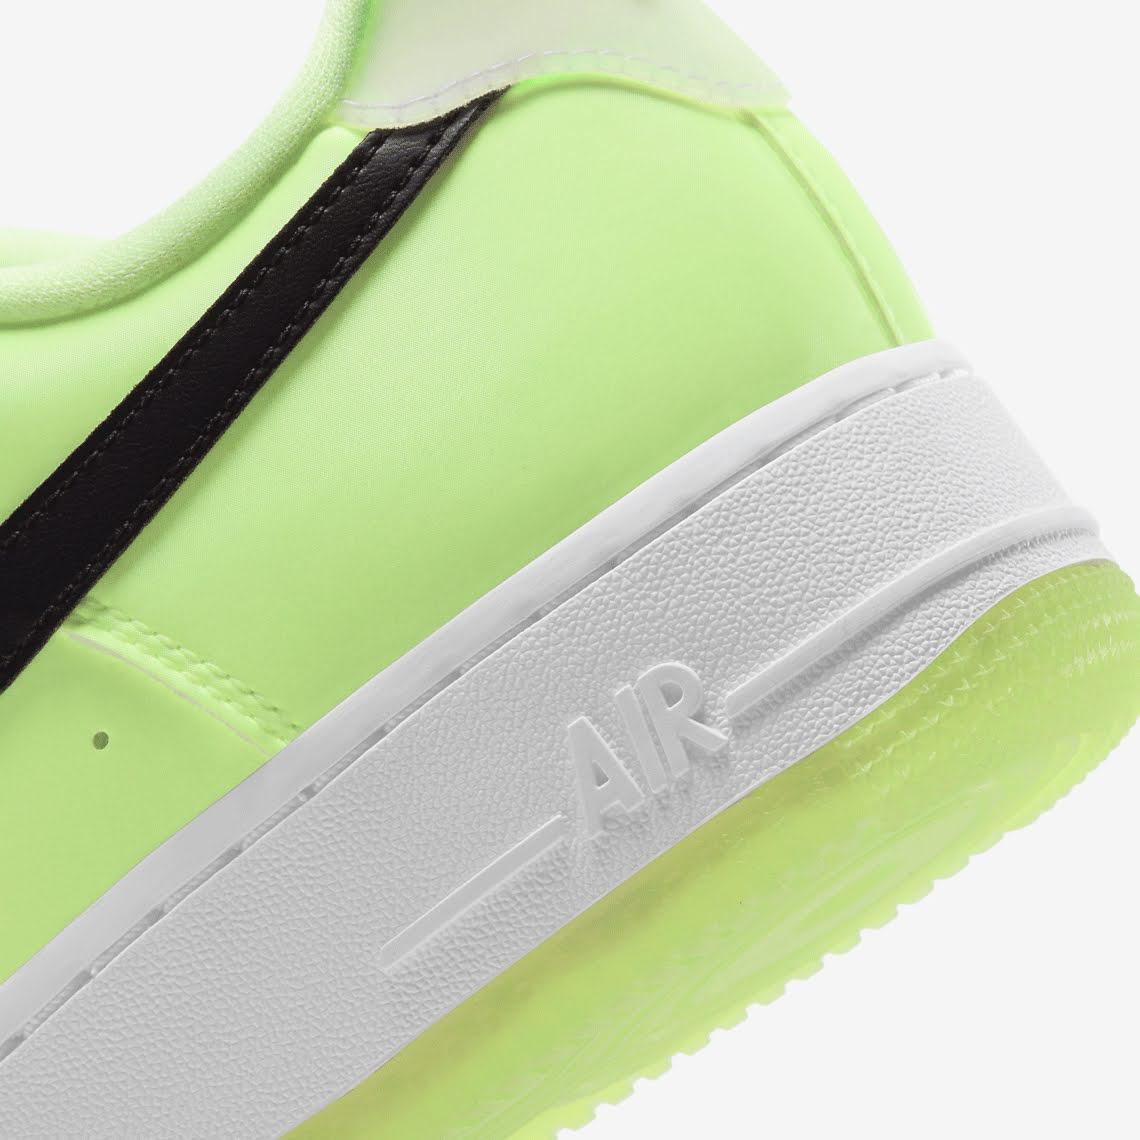 ナイキ エア フォース 1 ハブ ア ナイキ デー グロー イン ザ ダーク グリーン Nike-Air-Force-1-glow-in-the-dark-have-a-nike-day-CT3228-701 heel